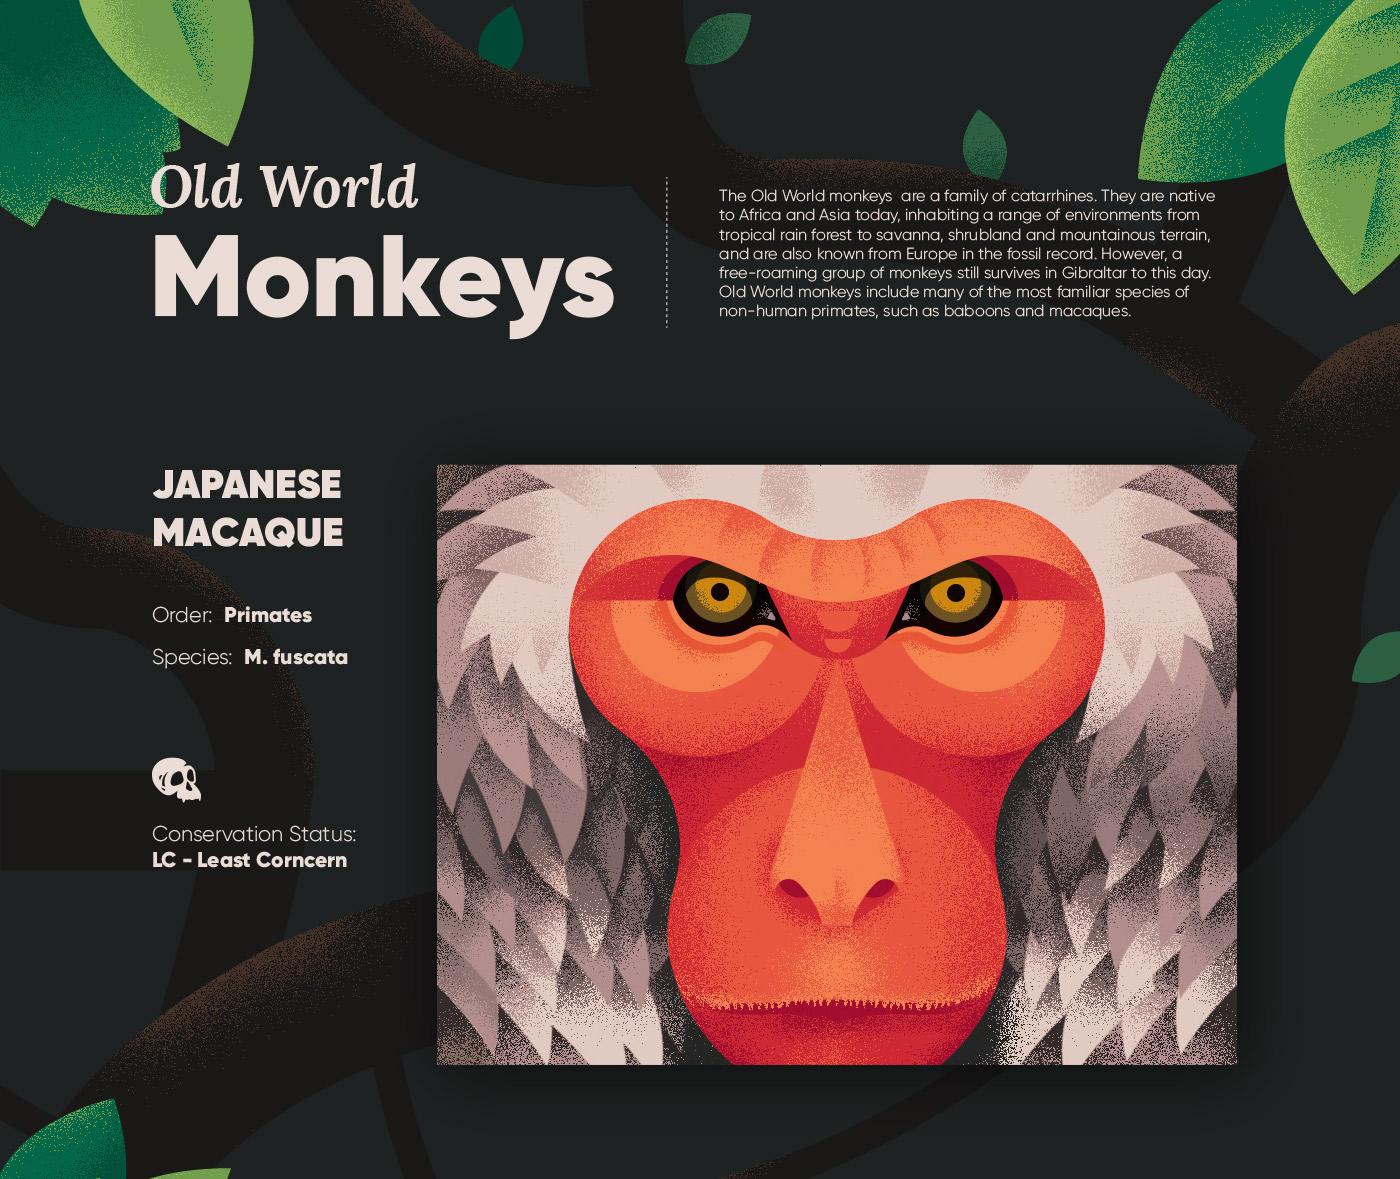 旧大陆的猴子 Old World Monkeys 动物动漫插画设计欣赏,所属类别:插画、动漫、动物、Illustration